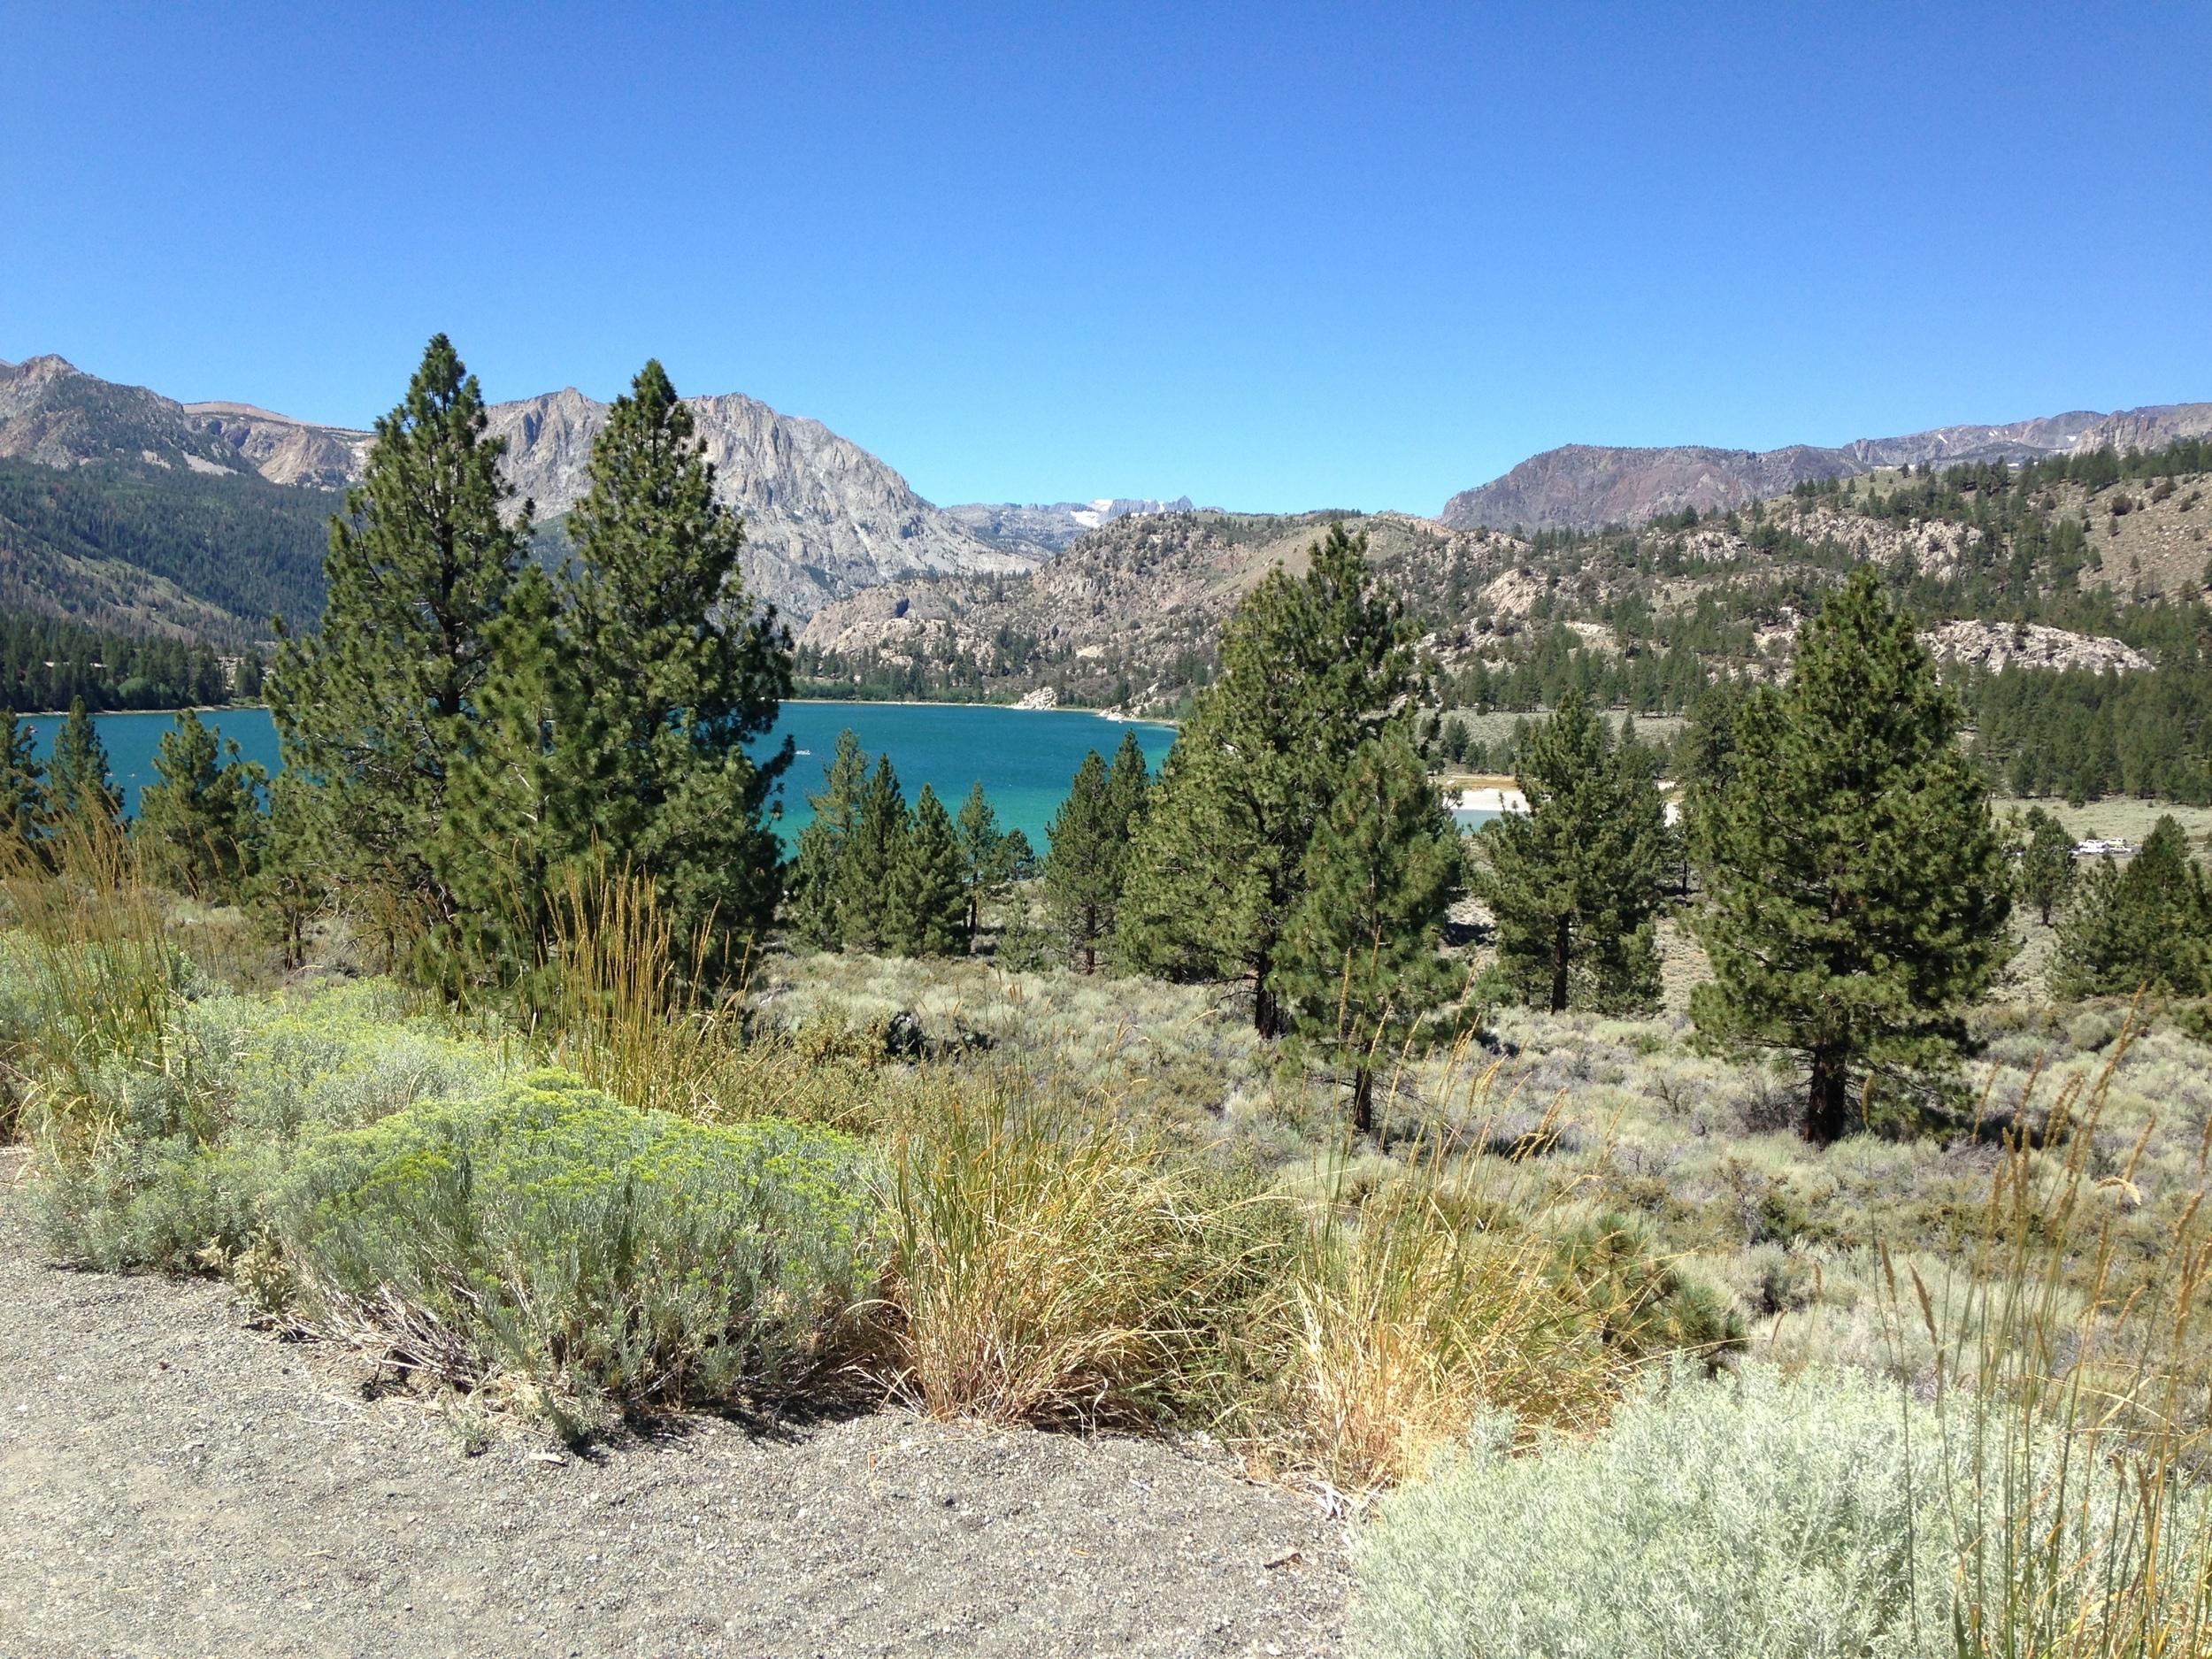 View of June Lake